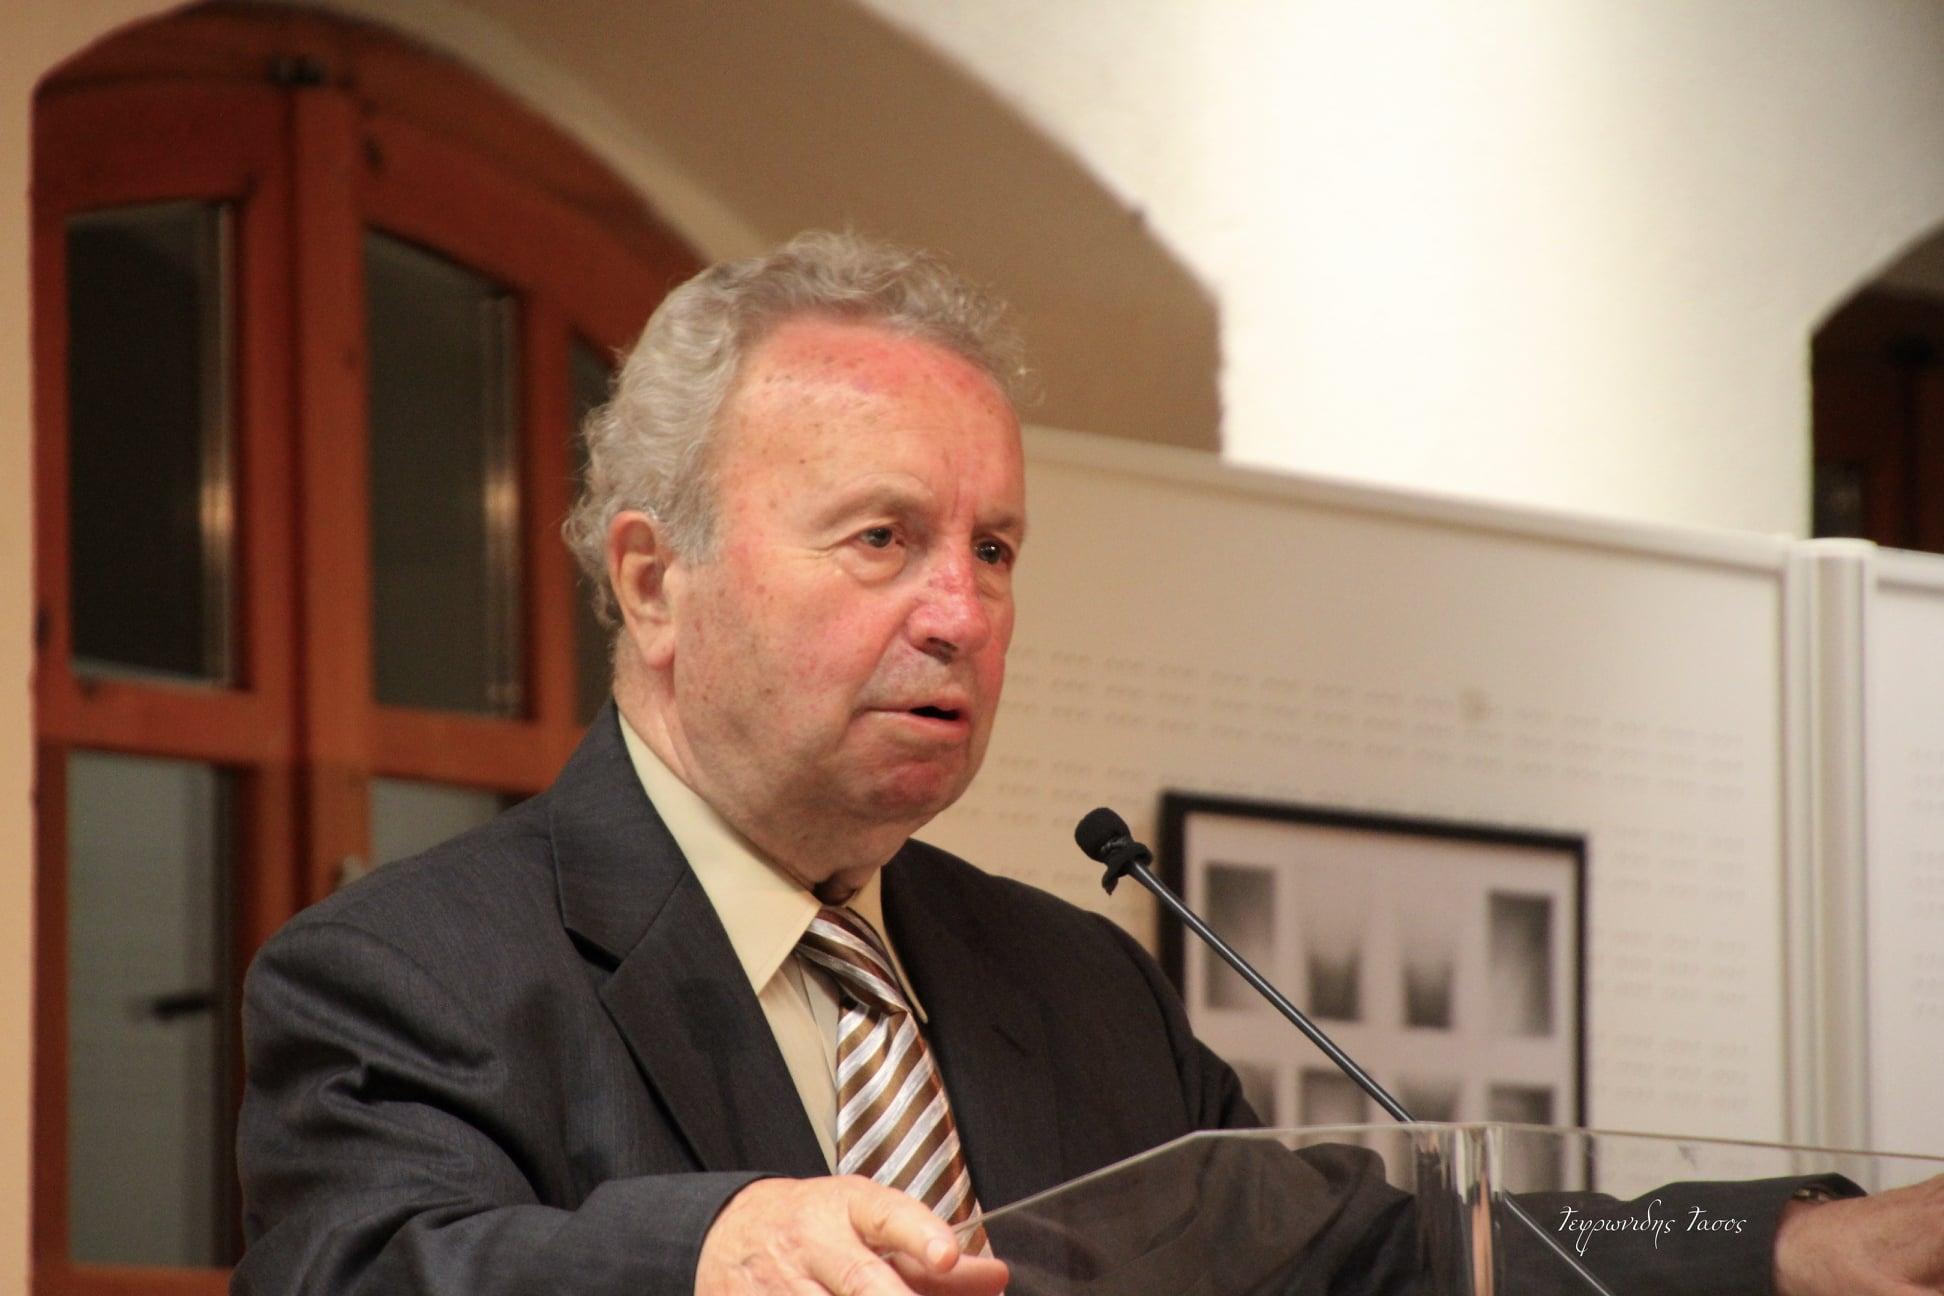 Ξάνθη: Ο εκκλησιαστικός κόσμος αποχαιρετά τον Πέτρο Γεωργαντζή